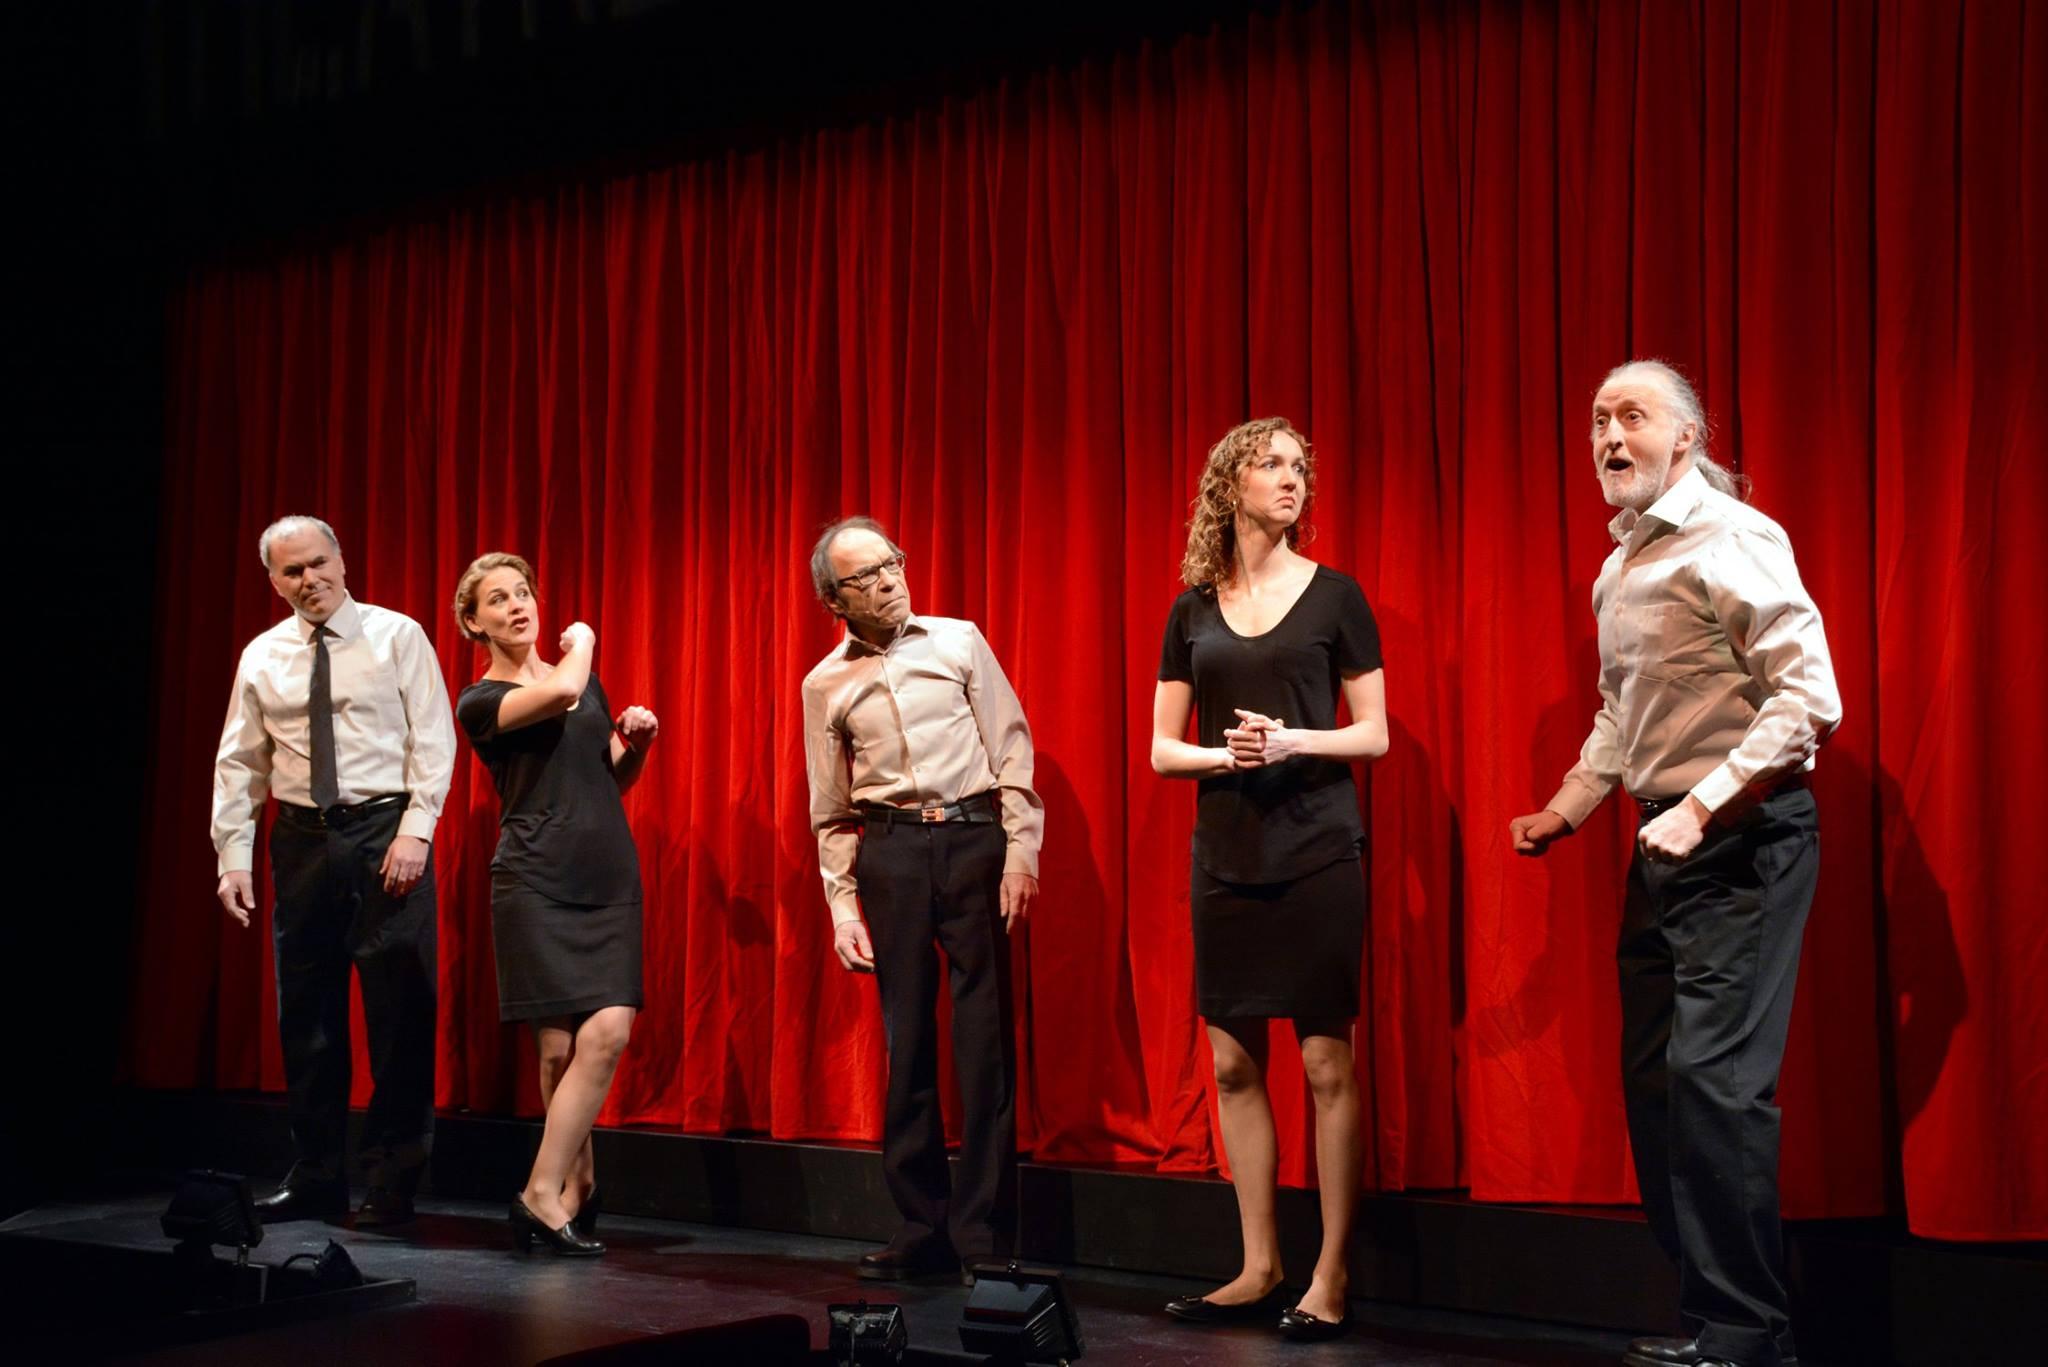 Théâtre sans animaux au Théâtre Cercle Molière, 2015.  Photo : Hubert Pantel